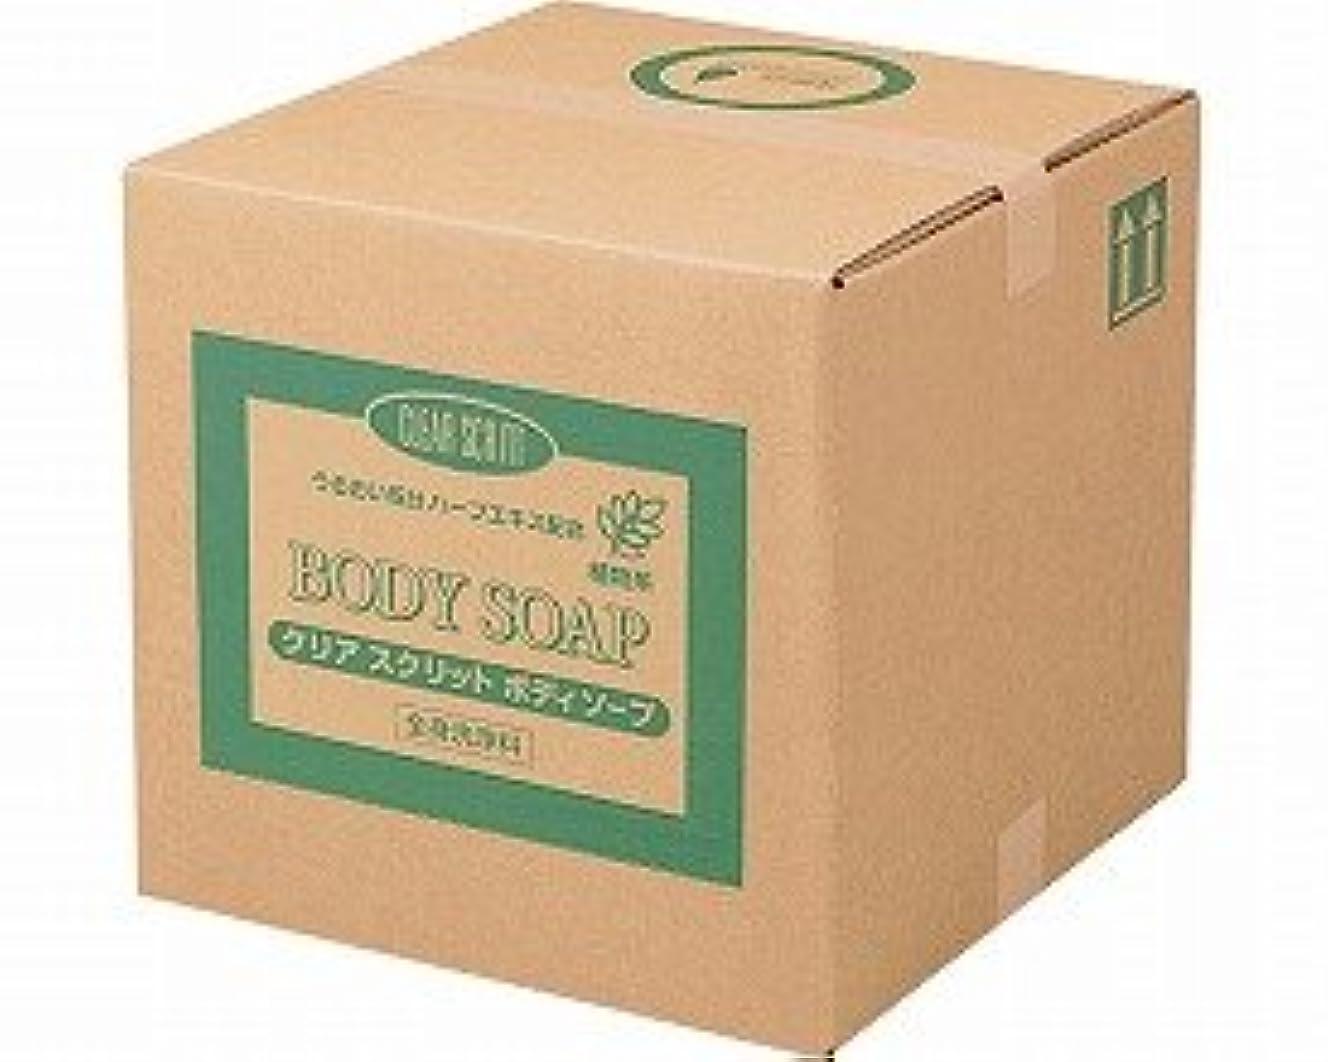 人スタジアム正義CLEAR SCRITT(クリアスクリット) ボディソープ 18L コック付 4355 (熊野油脂) (清拭小物)